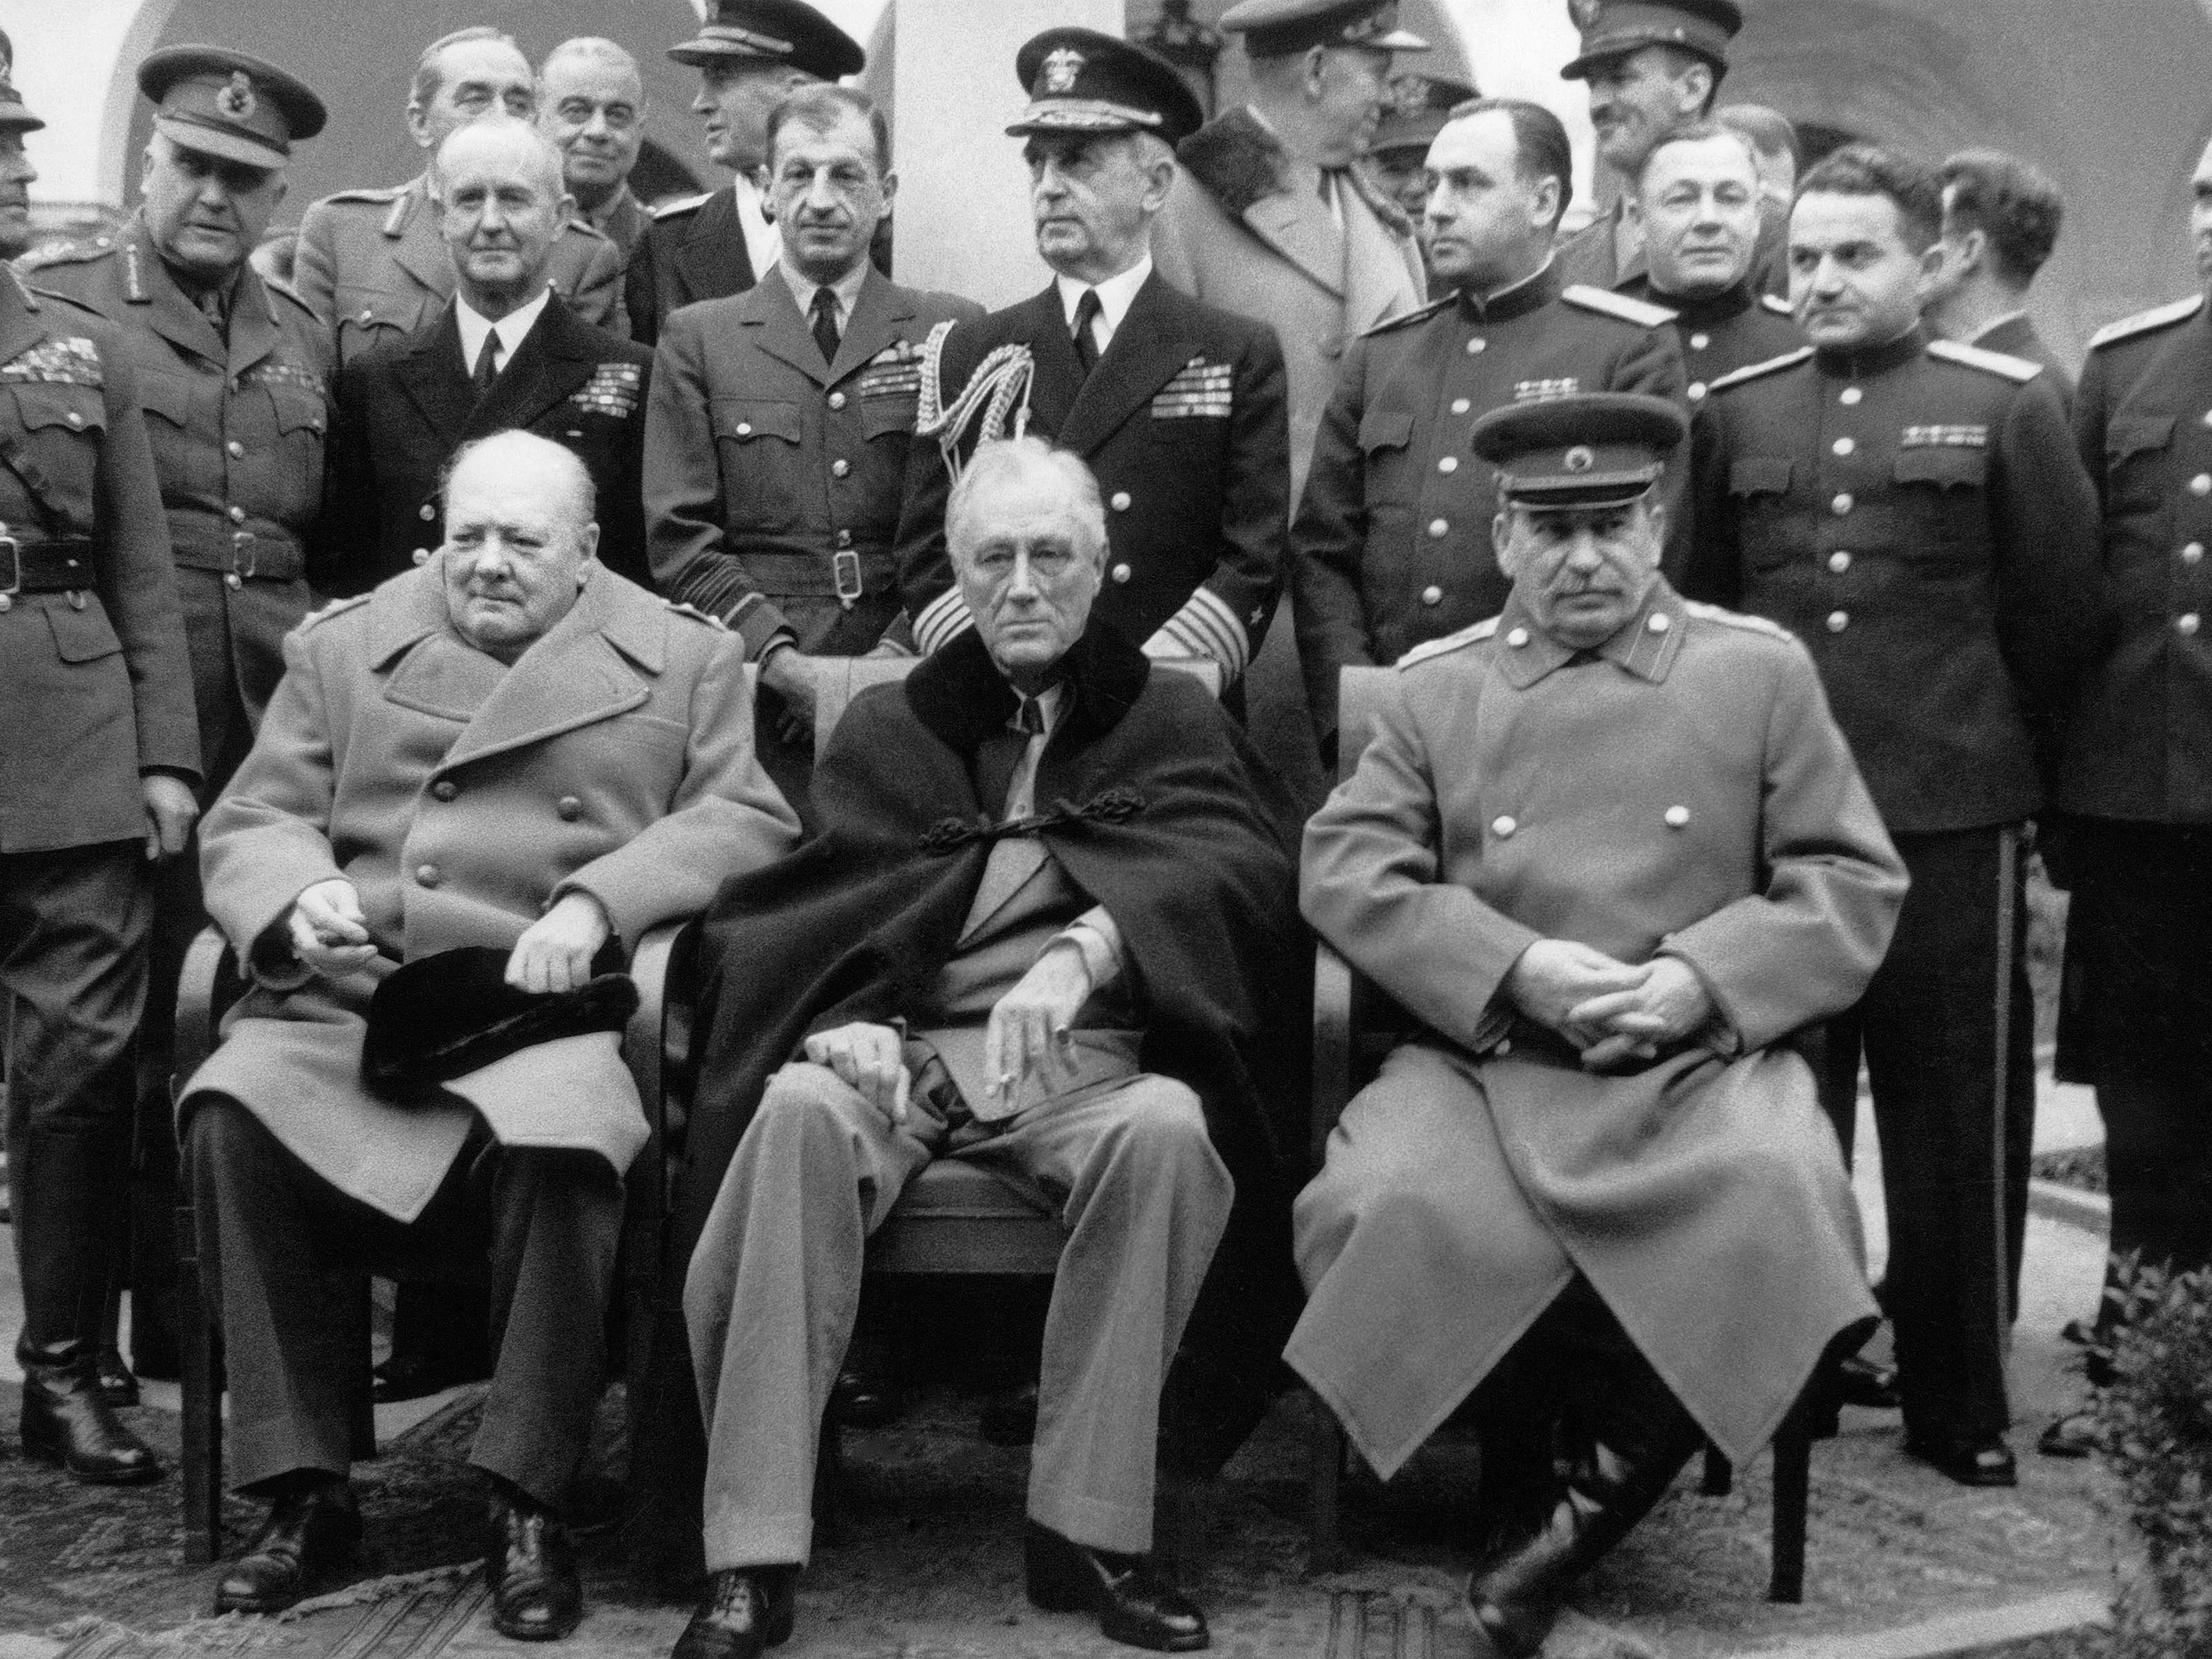 """Conferencia de Yalta. Delante de izquierda a derecha: Winston Churchill (Gran Bretaña), Franklin D. Roosevelt (EE.UU.), Iósif Stalin (URSS), 1945. Foto: archivo de la Agencia de noticias """"TASS""""."""